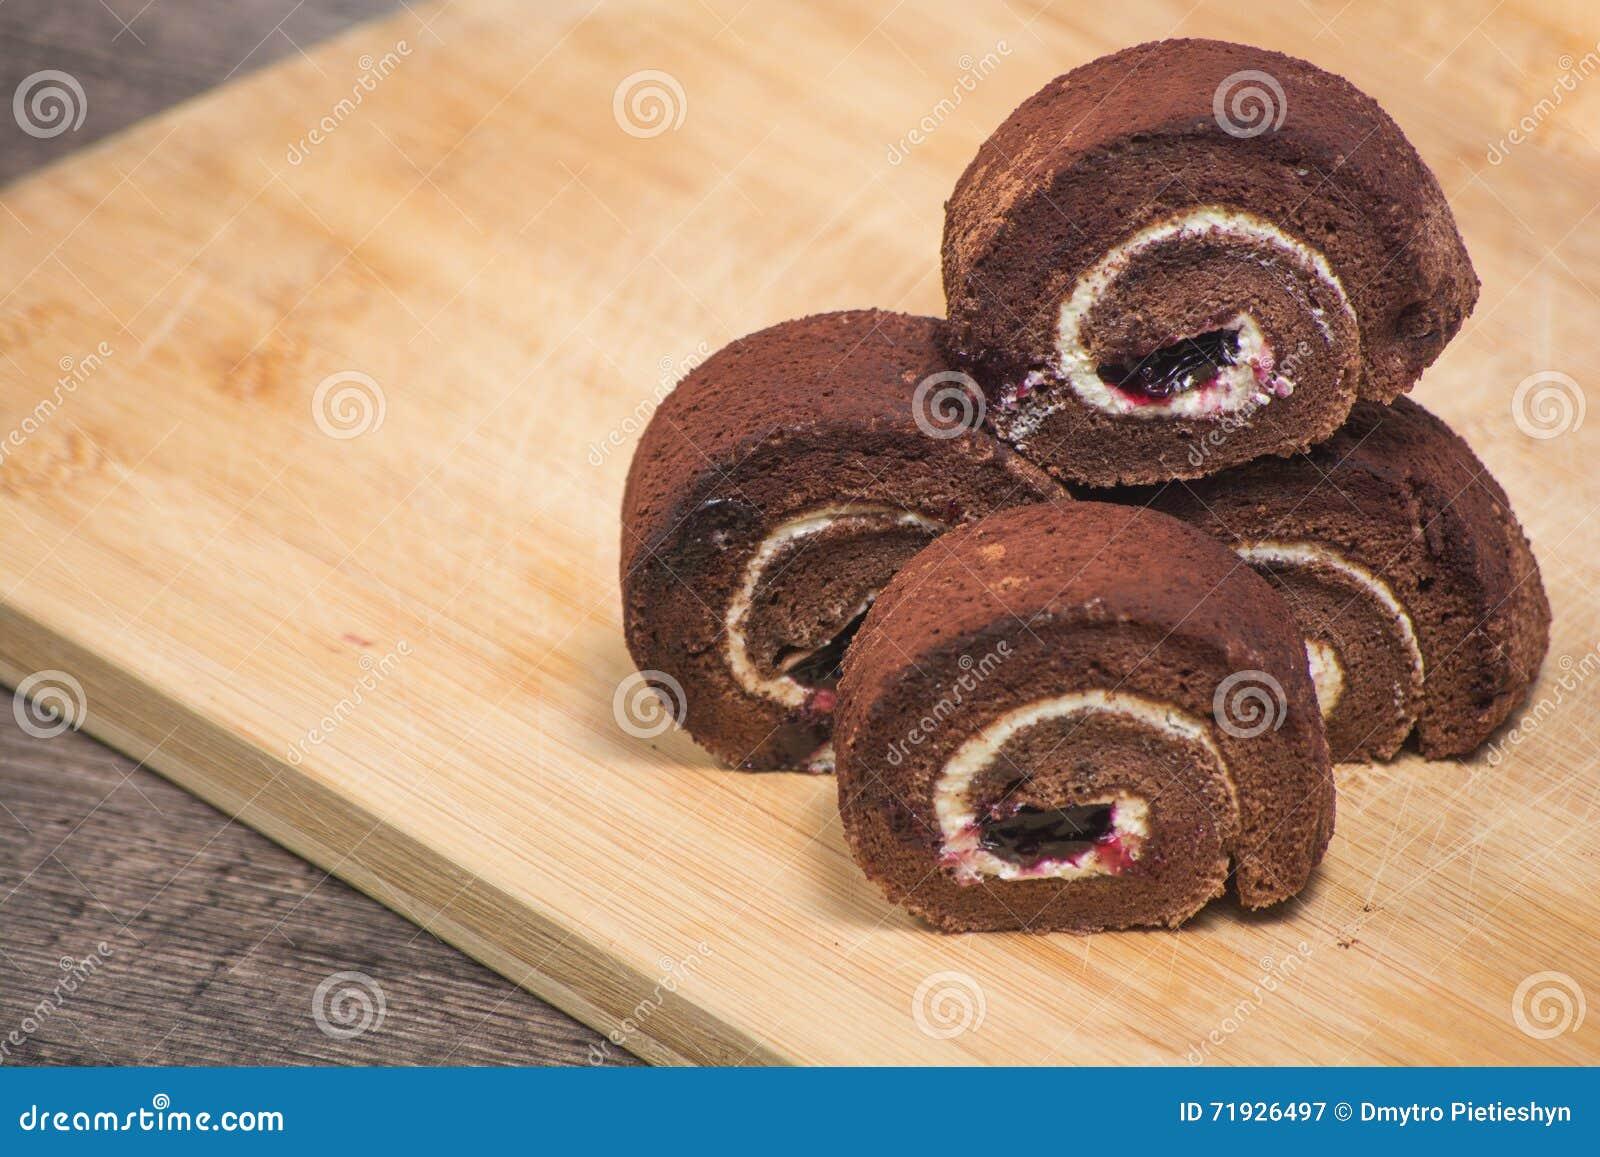 Очень вкусный крен шоколада в плите на предпосылке деревянной доски